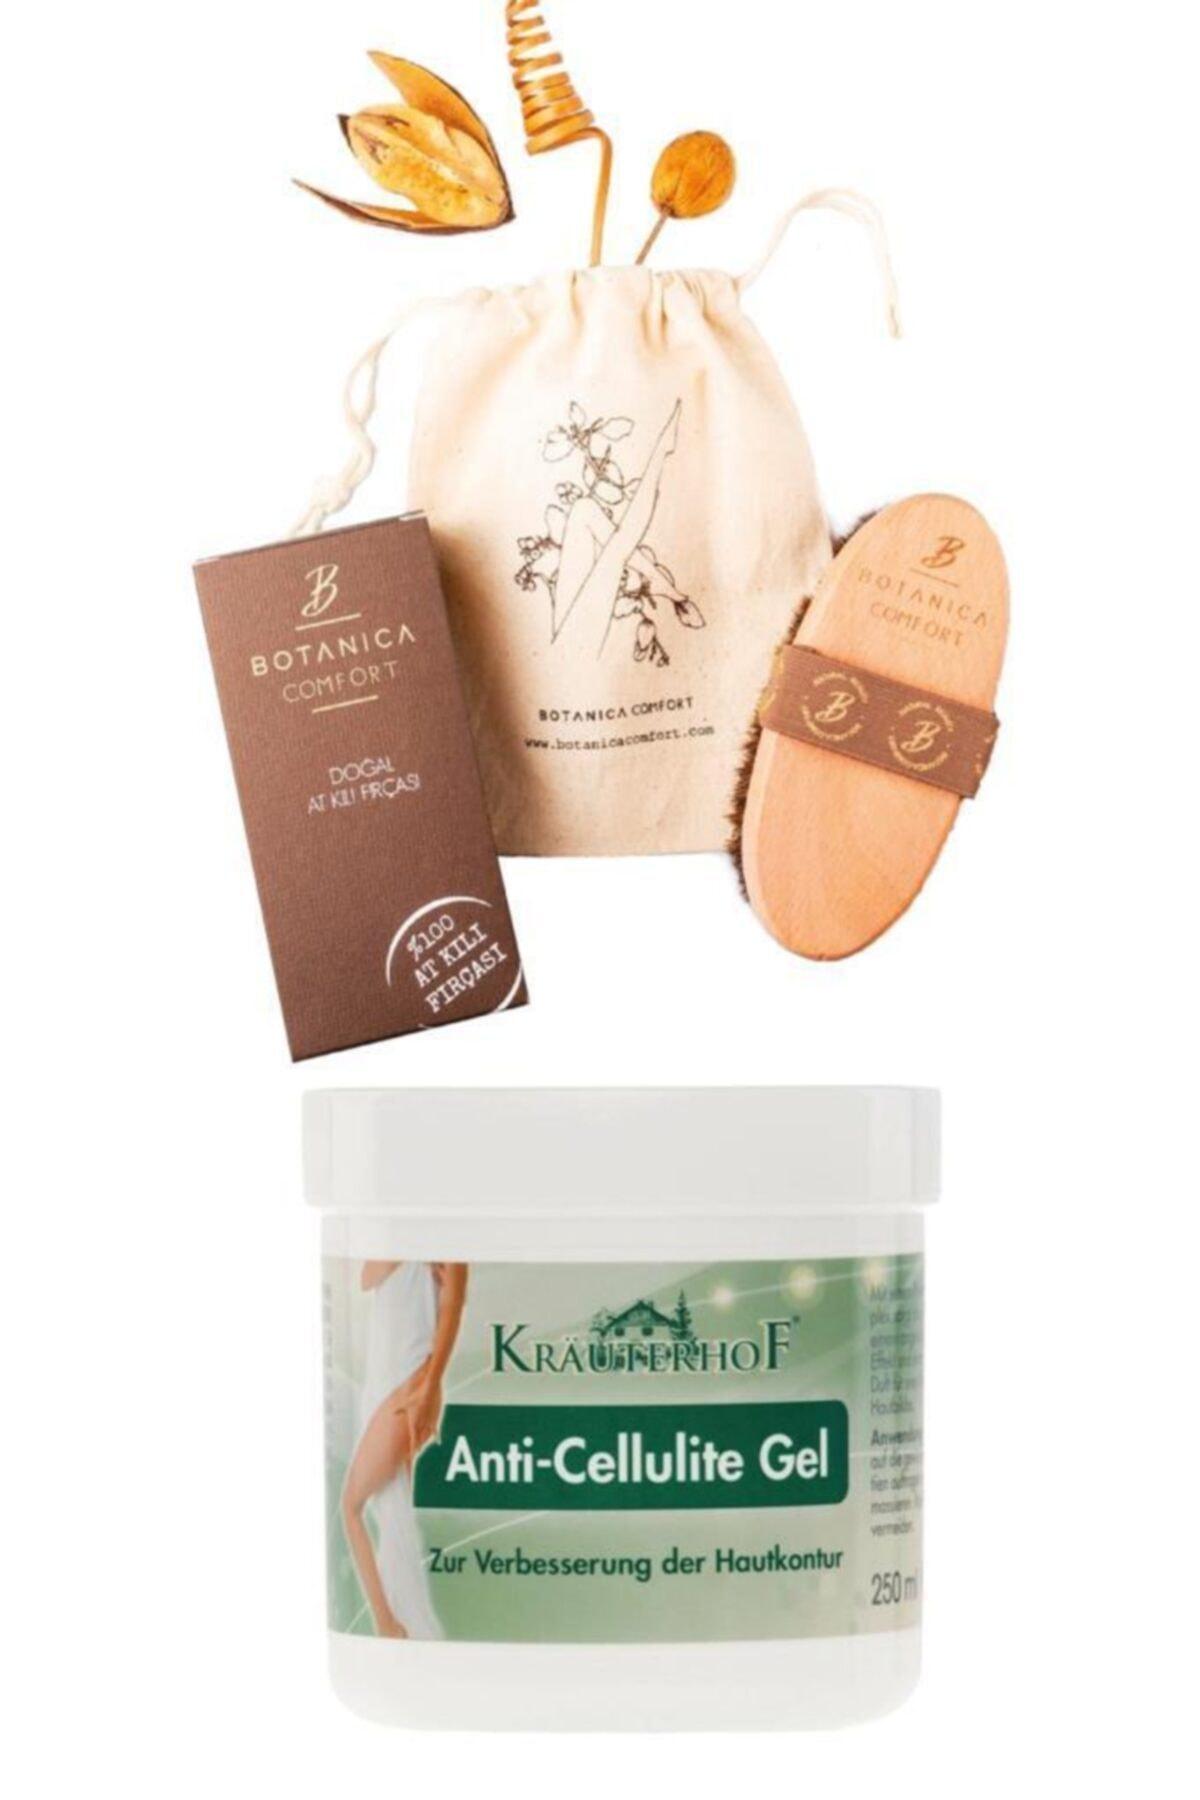 Krauterhof Selülit Karşıtı Jel 250 ml + Botanica Comfort Selülit Karşıtı %100 Doğal At Kılı Fırçası 1